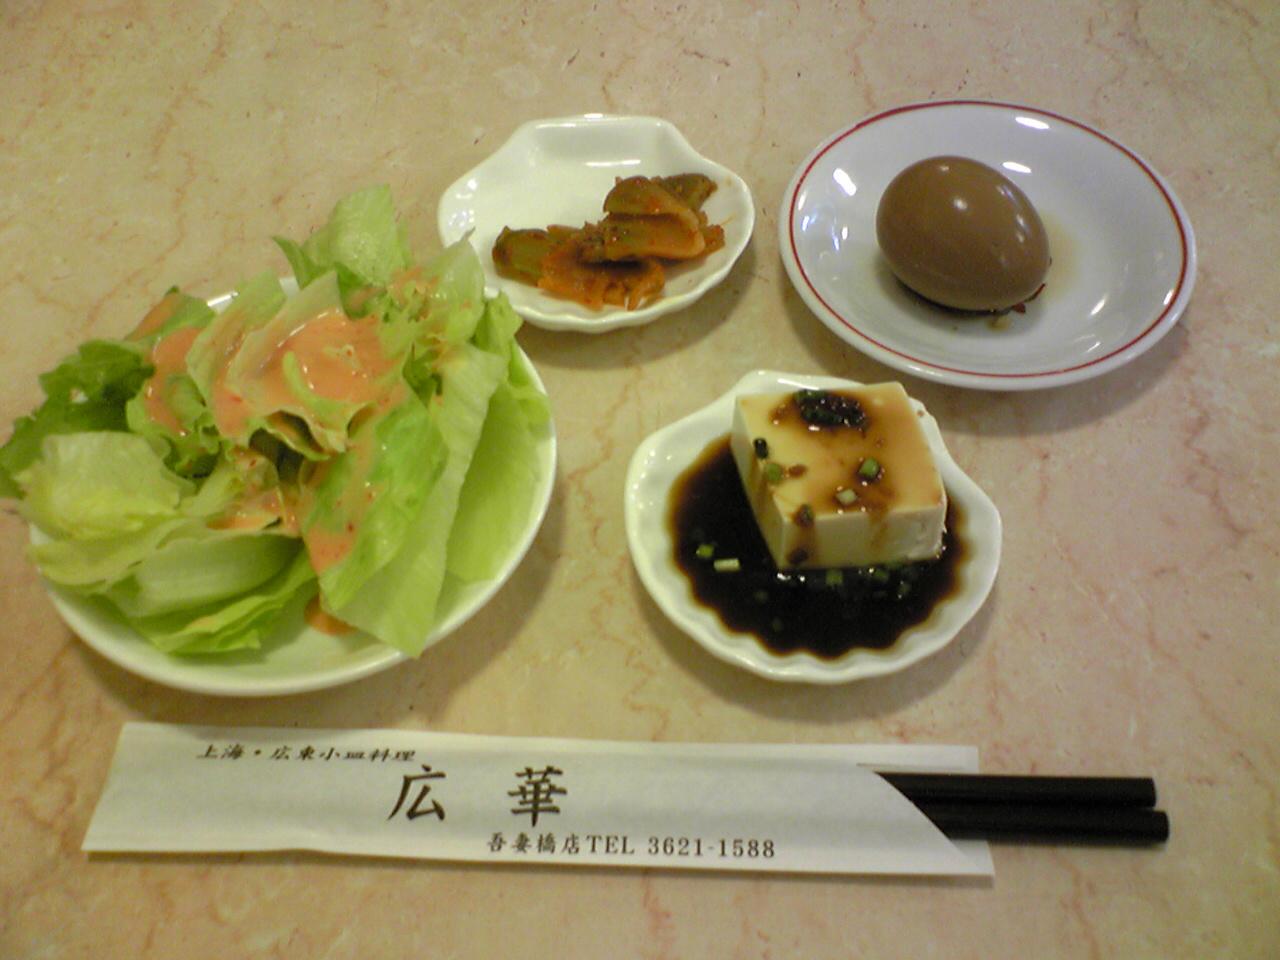 浅草のおすすめ郷土料理 [食ベログ] - tabelog.com